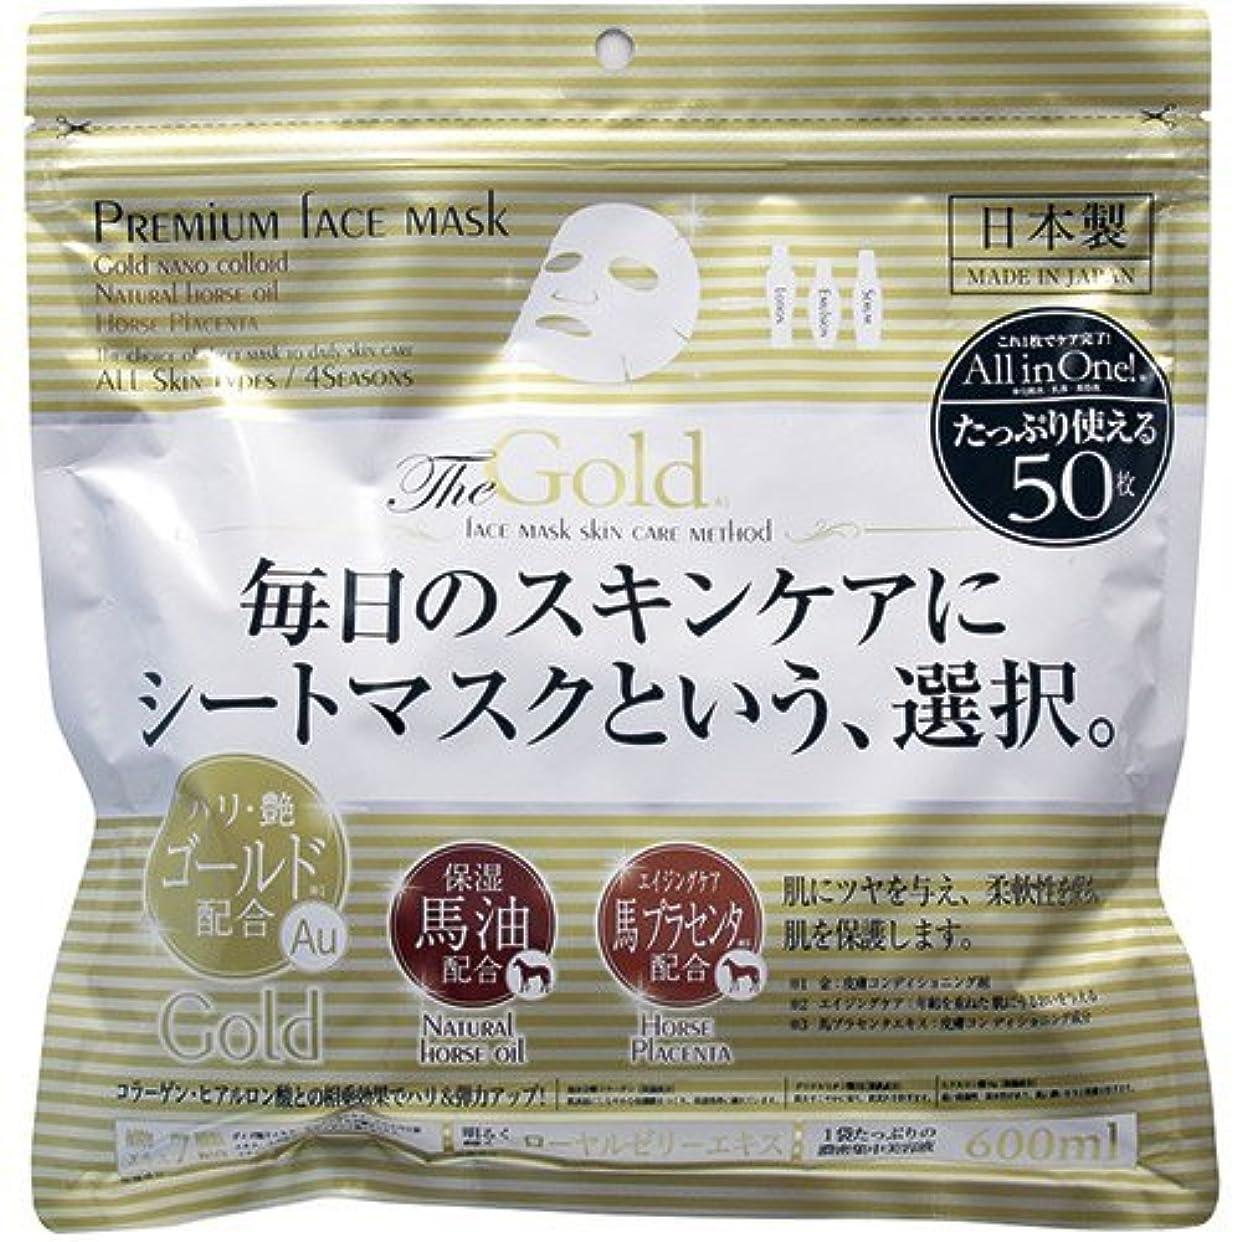 敬礼に方法【進製作所】プレミアムフェイスマスク ゴールド 50枚 ×3個セット